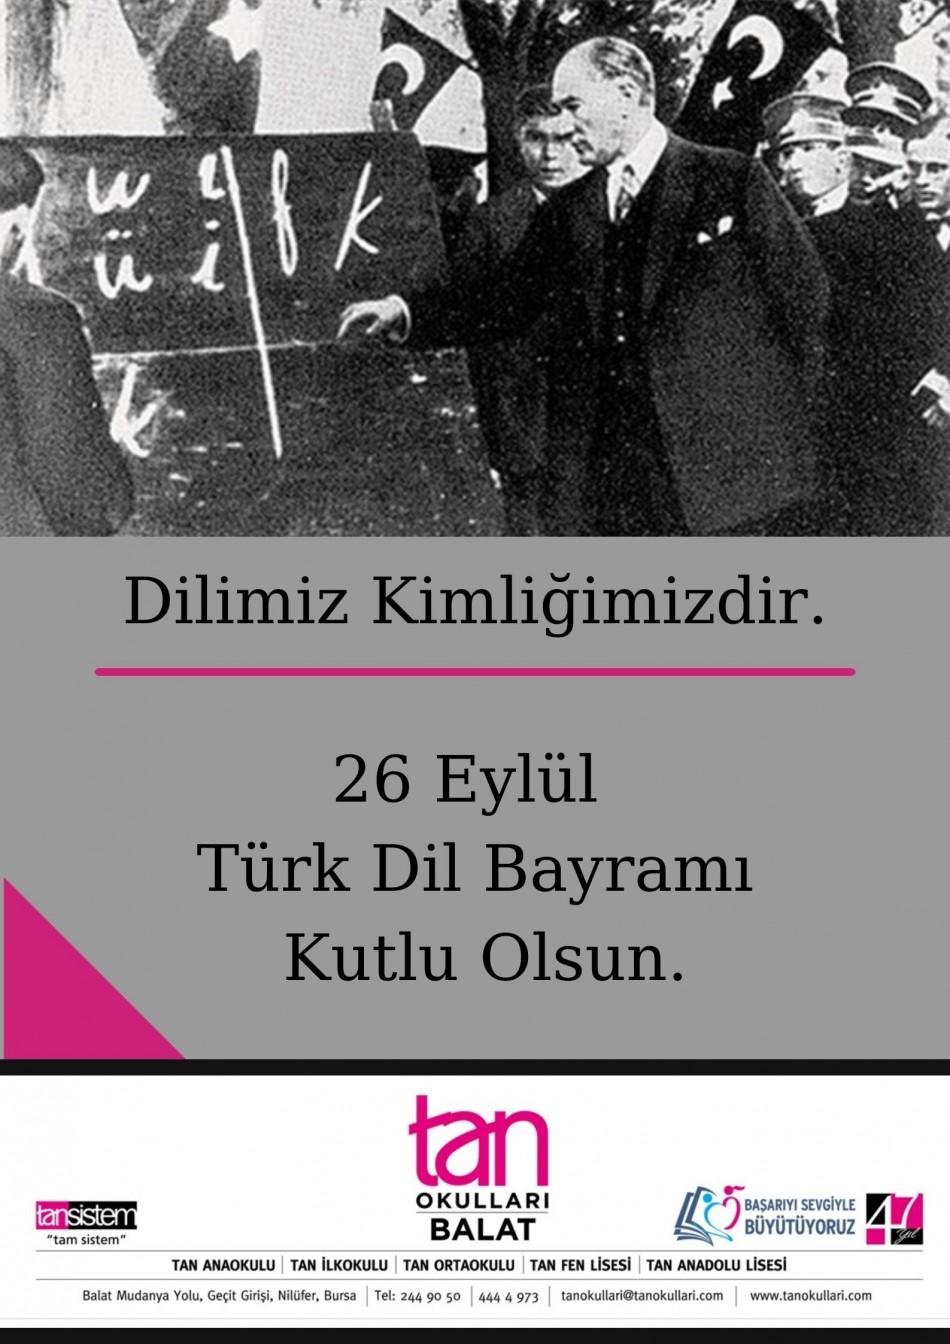 Dilimiz Kimliğimizdir. 26 Eylül Türk Dil Bayramı Kutlu Olsun. (1)